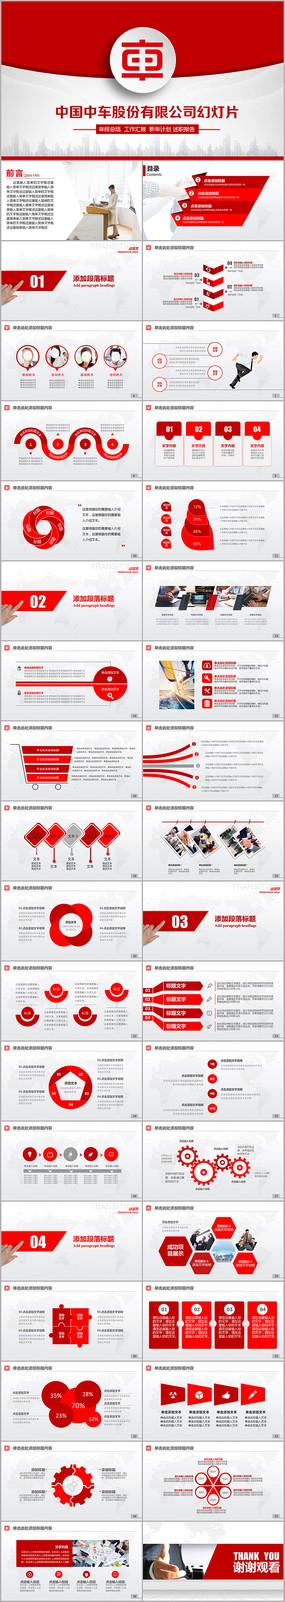 中国中车总结报告PPT模板